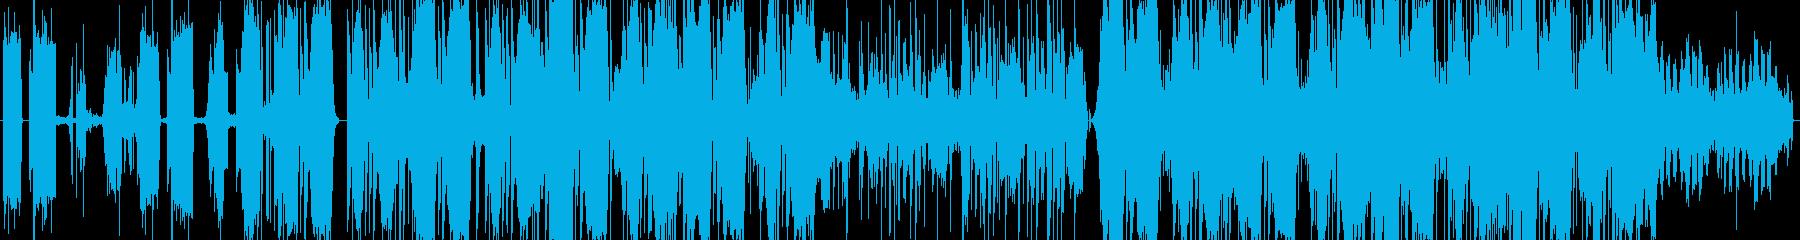 ダブステップ トラップ ヒップホッ...の再生済みの波形